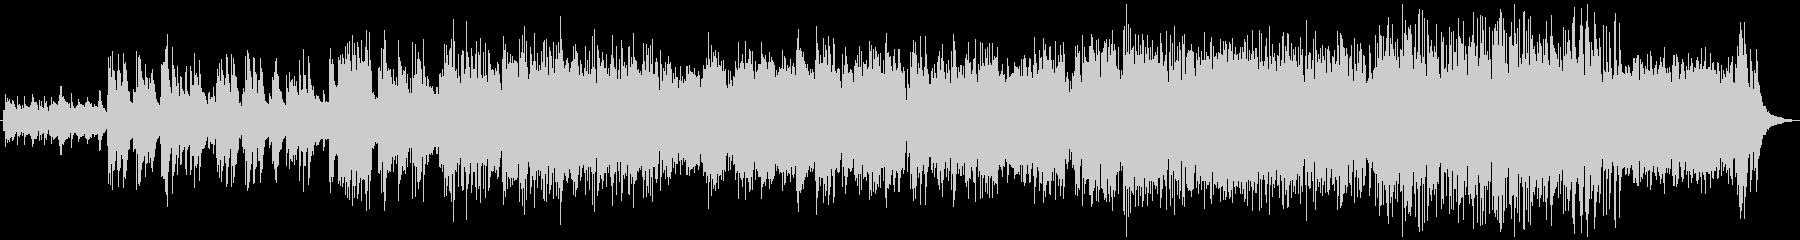 スパニッシュギターによるラテンバラードの未再生の波形